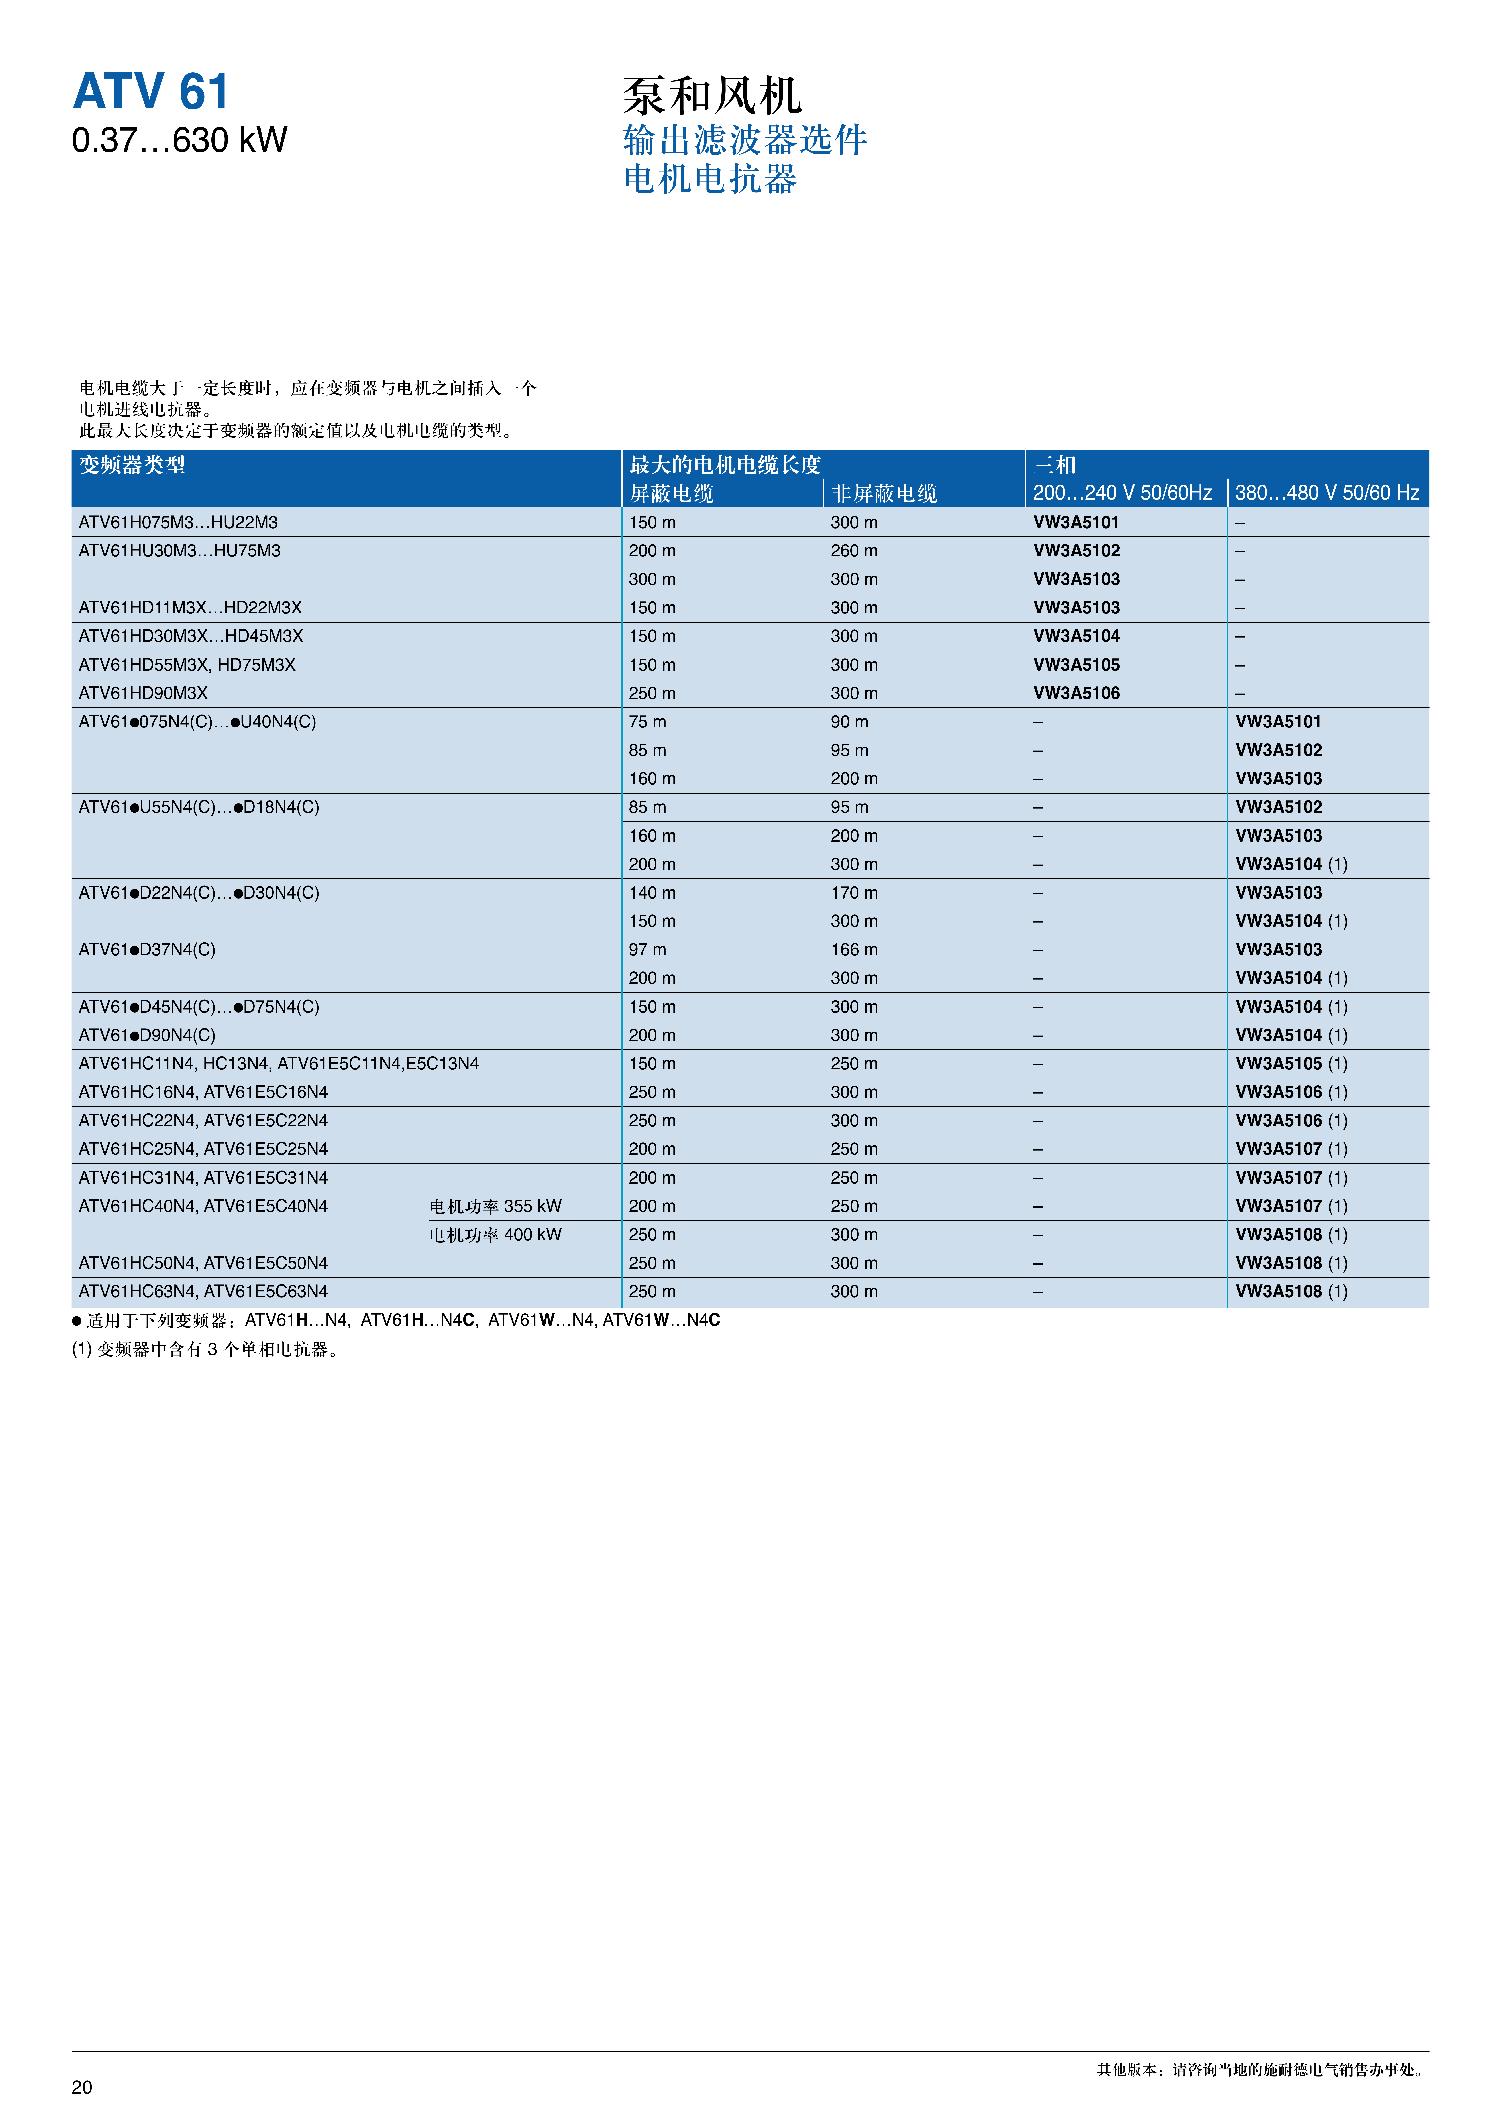 【施耐德变频器atv61hu22n4z